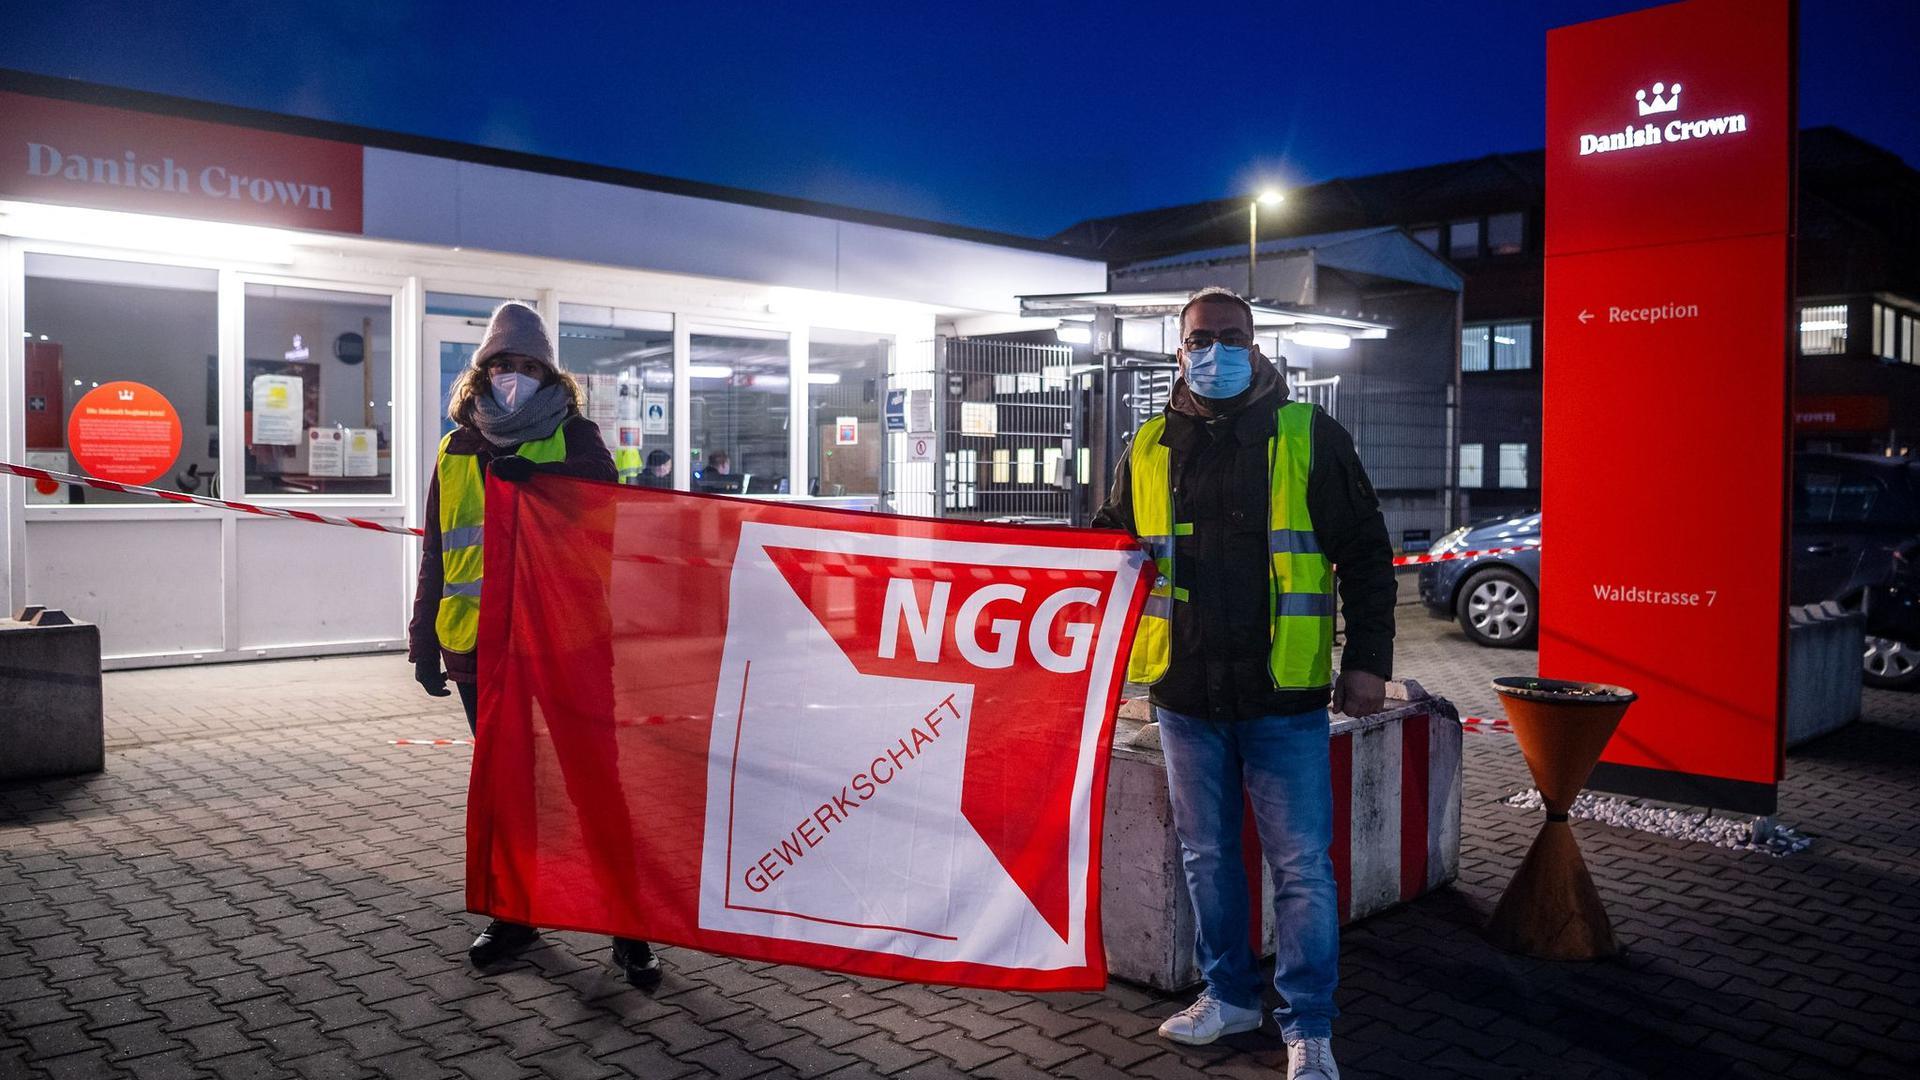 """Mitglieder der Gewerkschaft Nahrung-Genuss-Gaststätten rufen vor dem Unternehmen """"Danish Crown"""" zu Warnstreiks auf."""